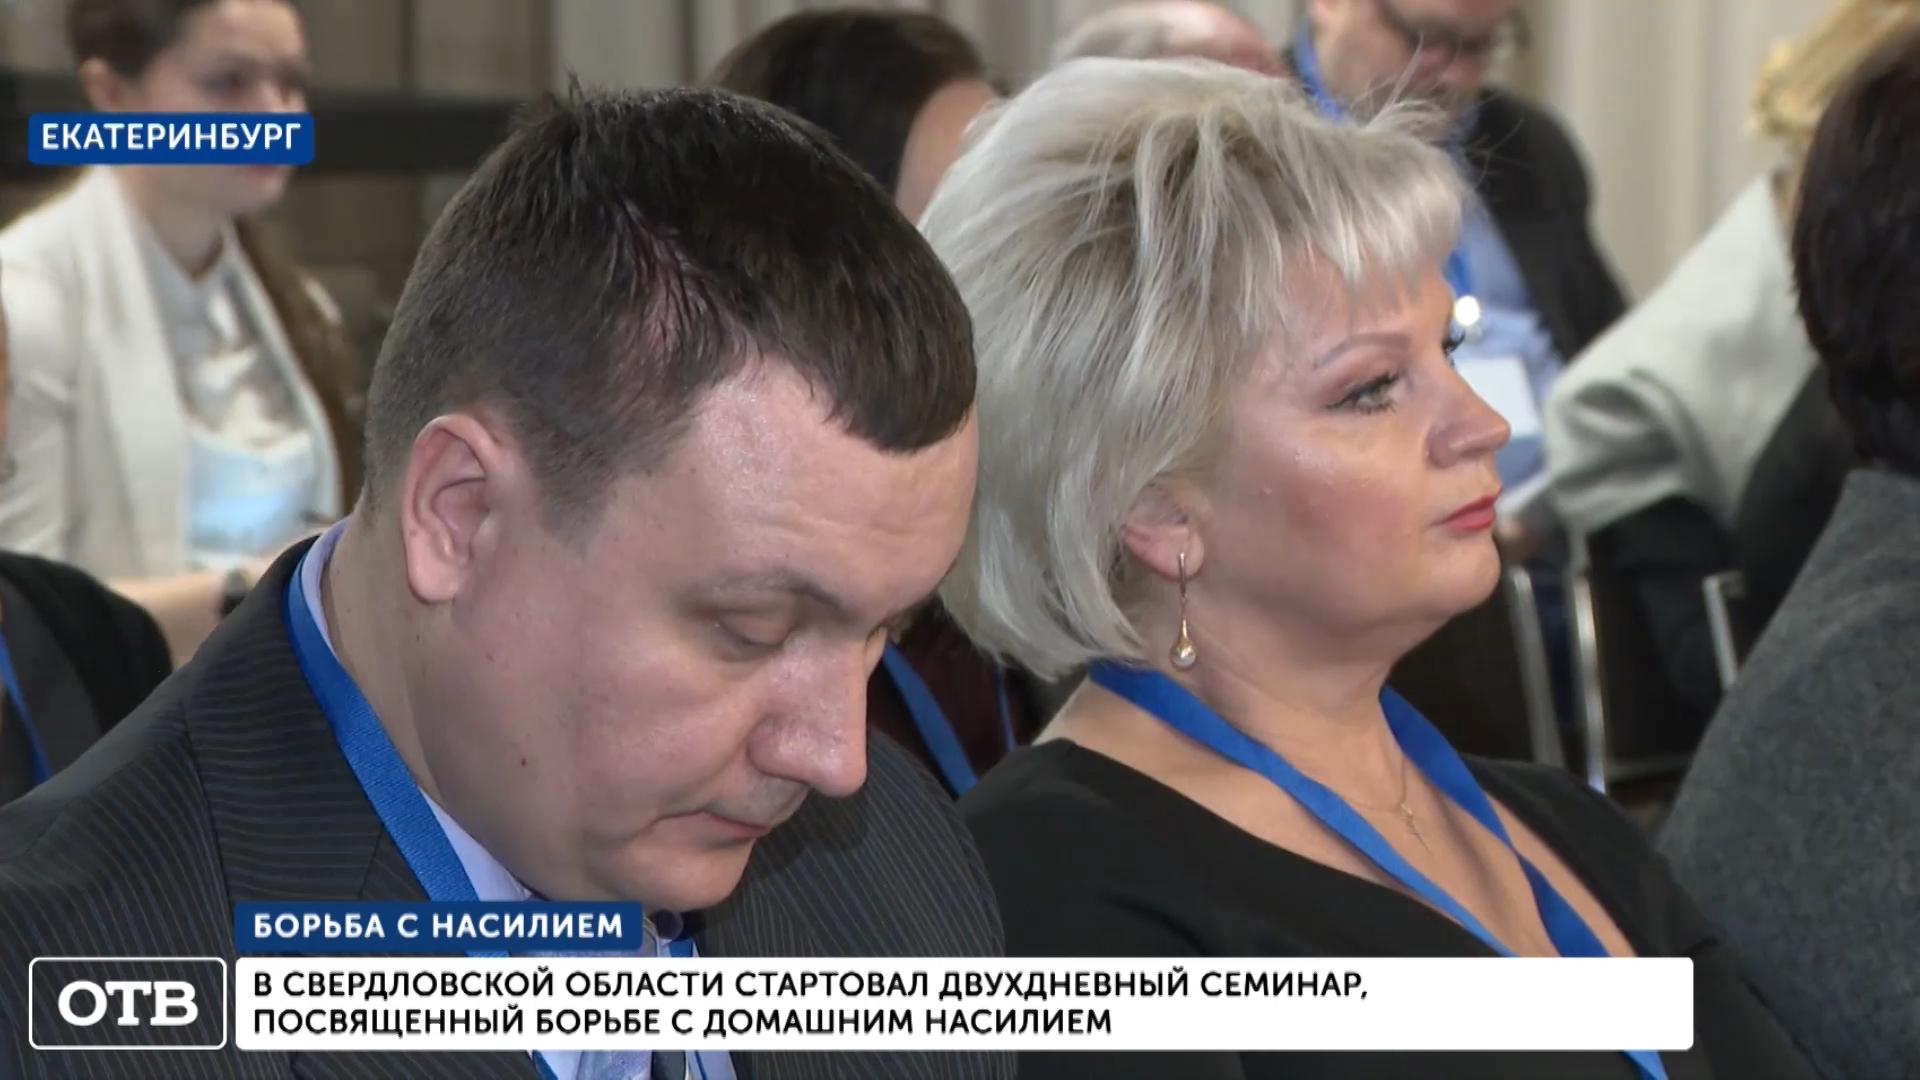 20200218_20-02-В Екатеринбурге стартовал двухдневный семинар по борьбе с домашним насилием-pic14